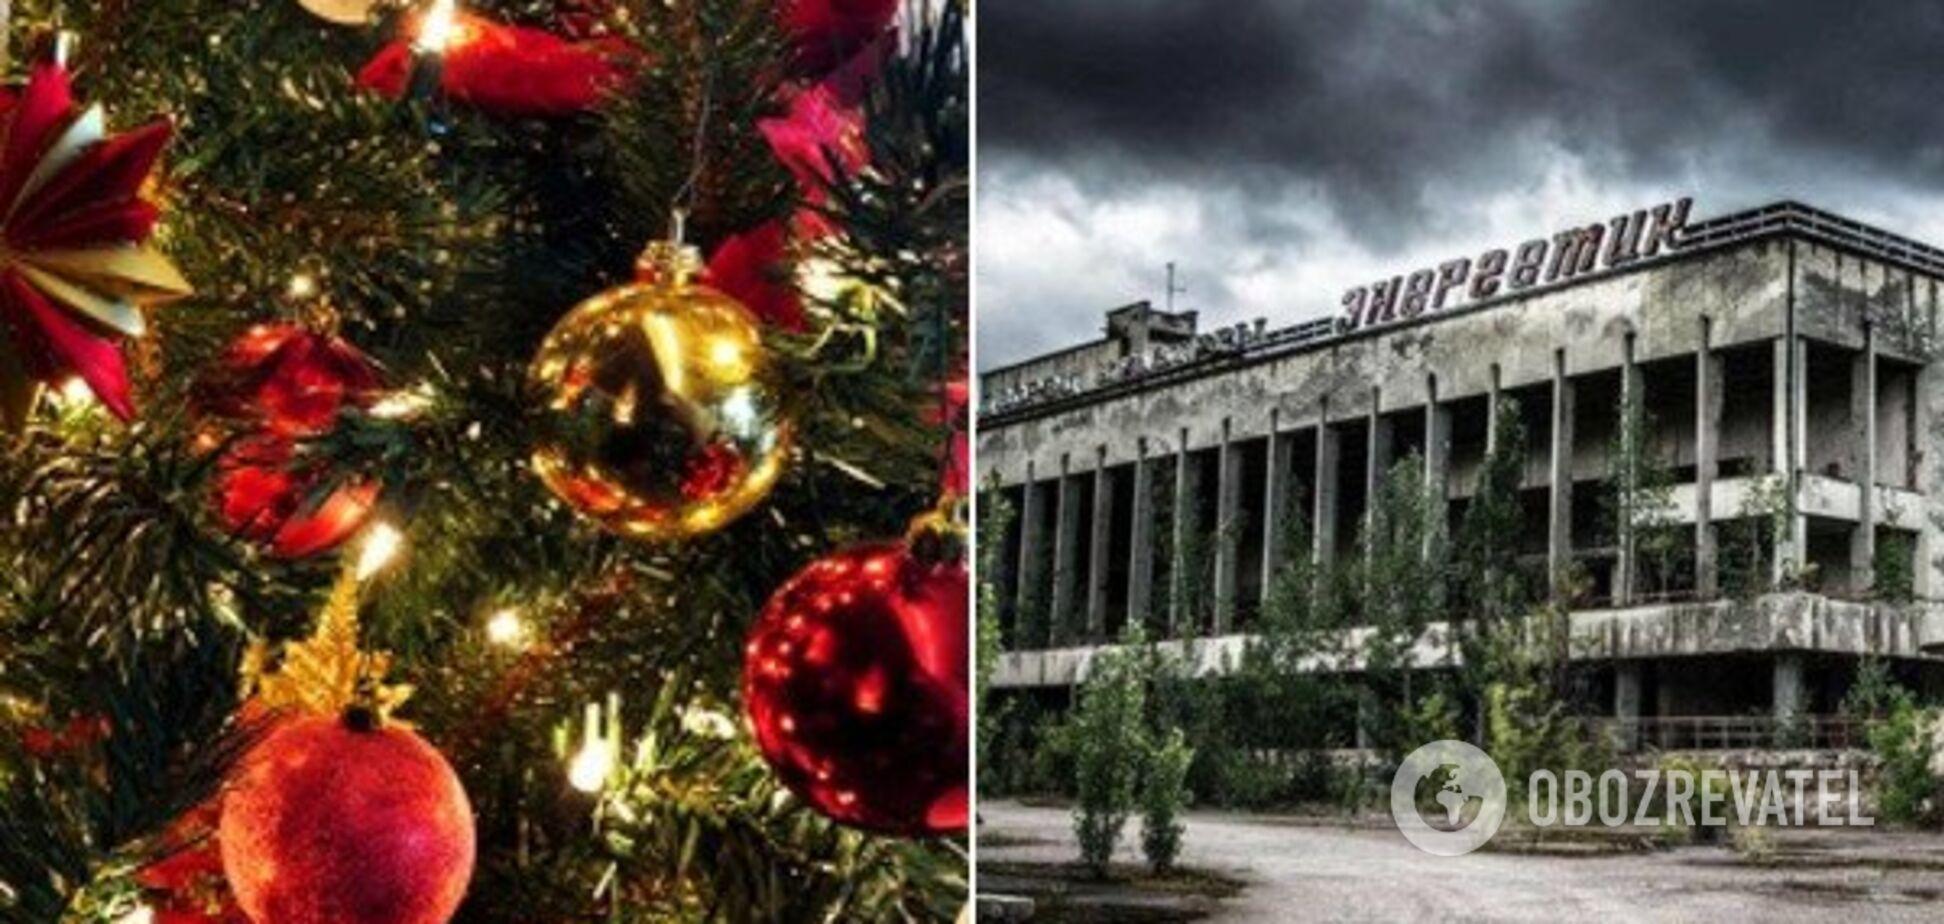 Свято в мертвому місті? Біля Чорнобильської АЕС з'явилася новорічна ялинка: неймовірні фото